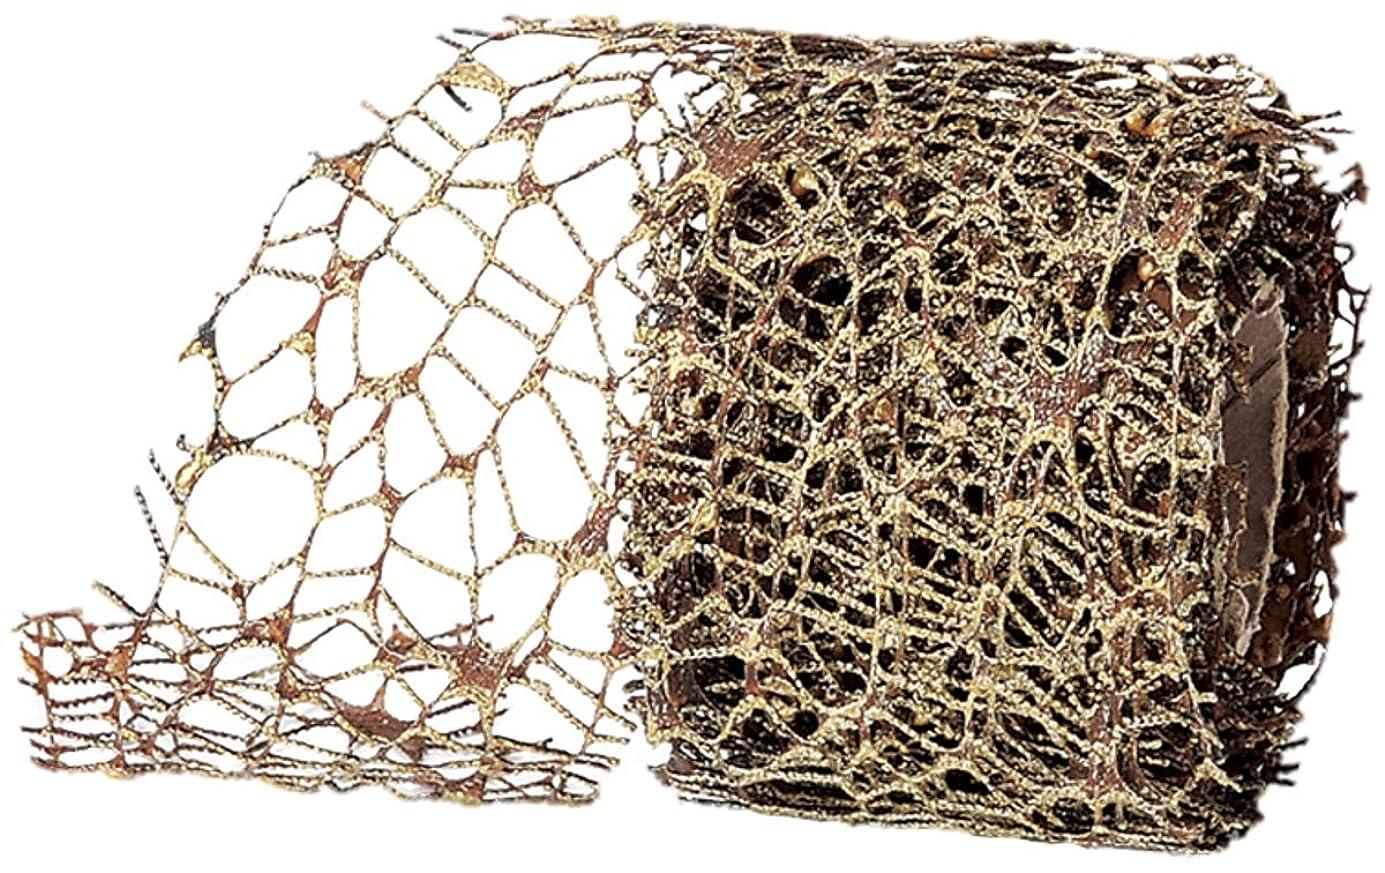 暴露引用受信asca オーナメントフレキシブルリボン 450×6.5cm ゴールドブラウン A-16752-040B